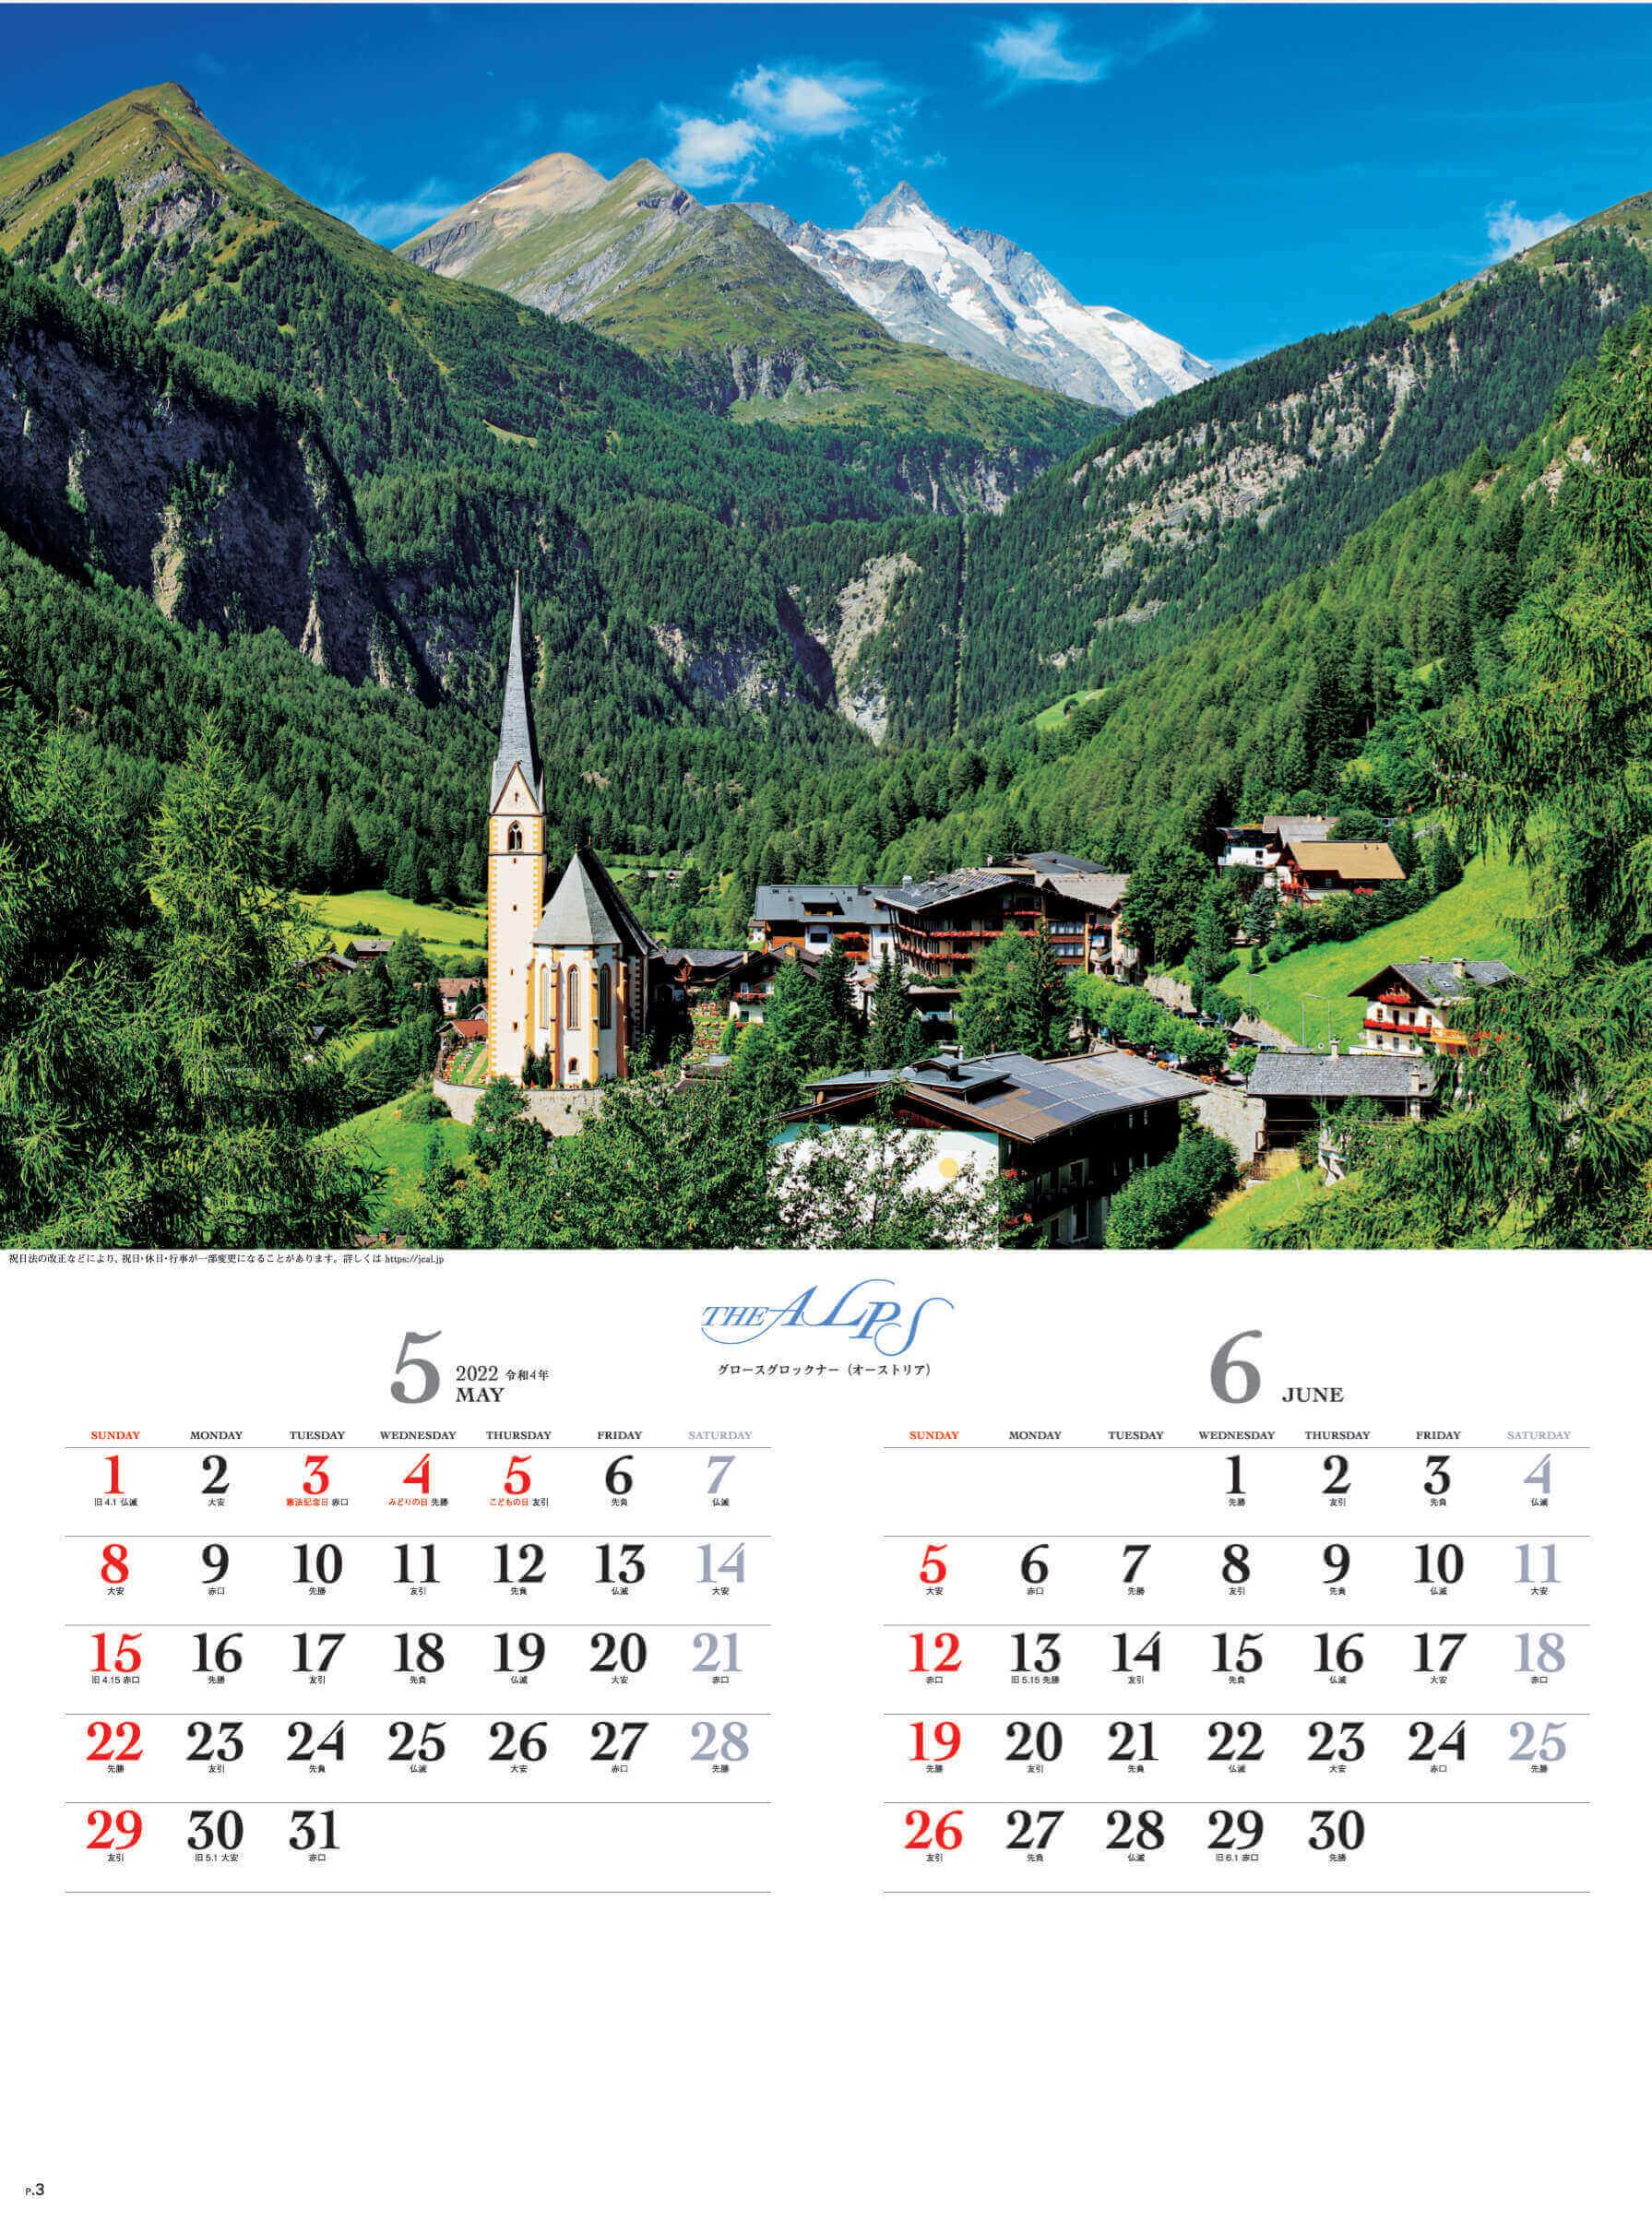 5-6月 グロースグロックナー(オーストリア) アルプス 2022年カレンダーの画像